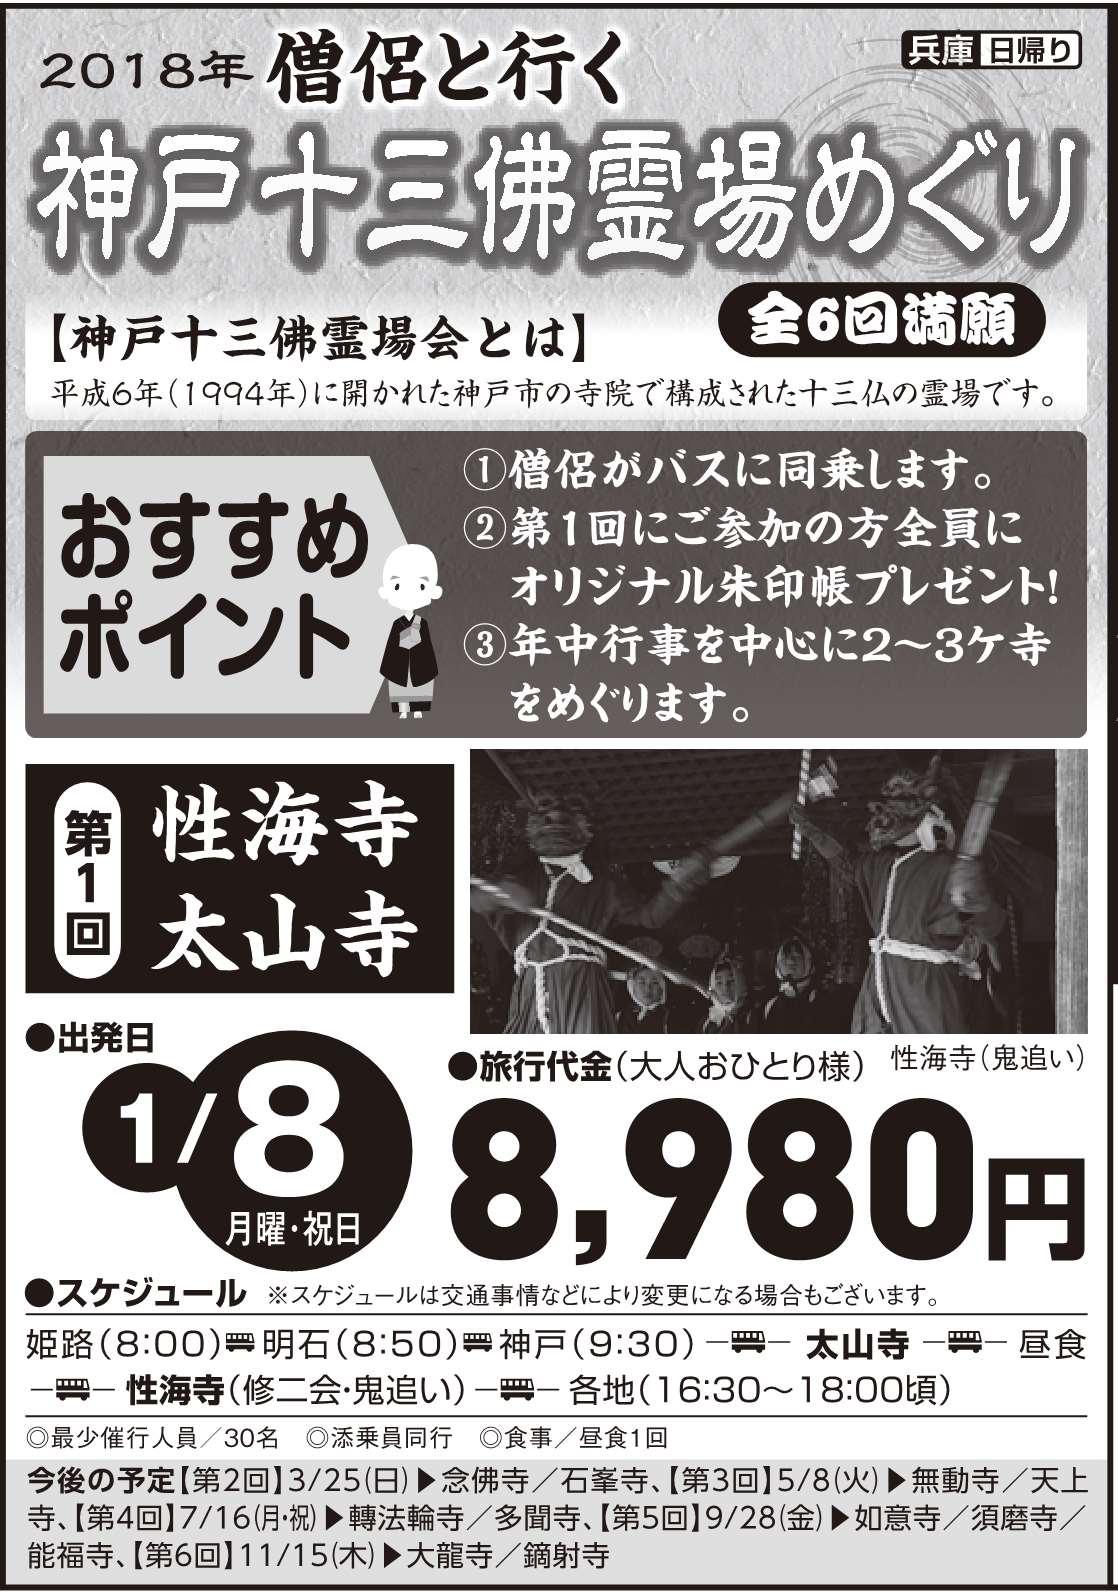 2018 十三佛 神戸新聞広告